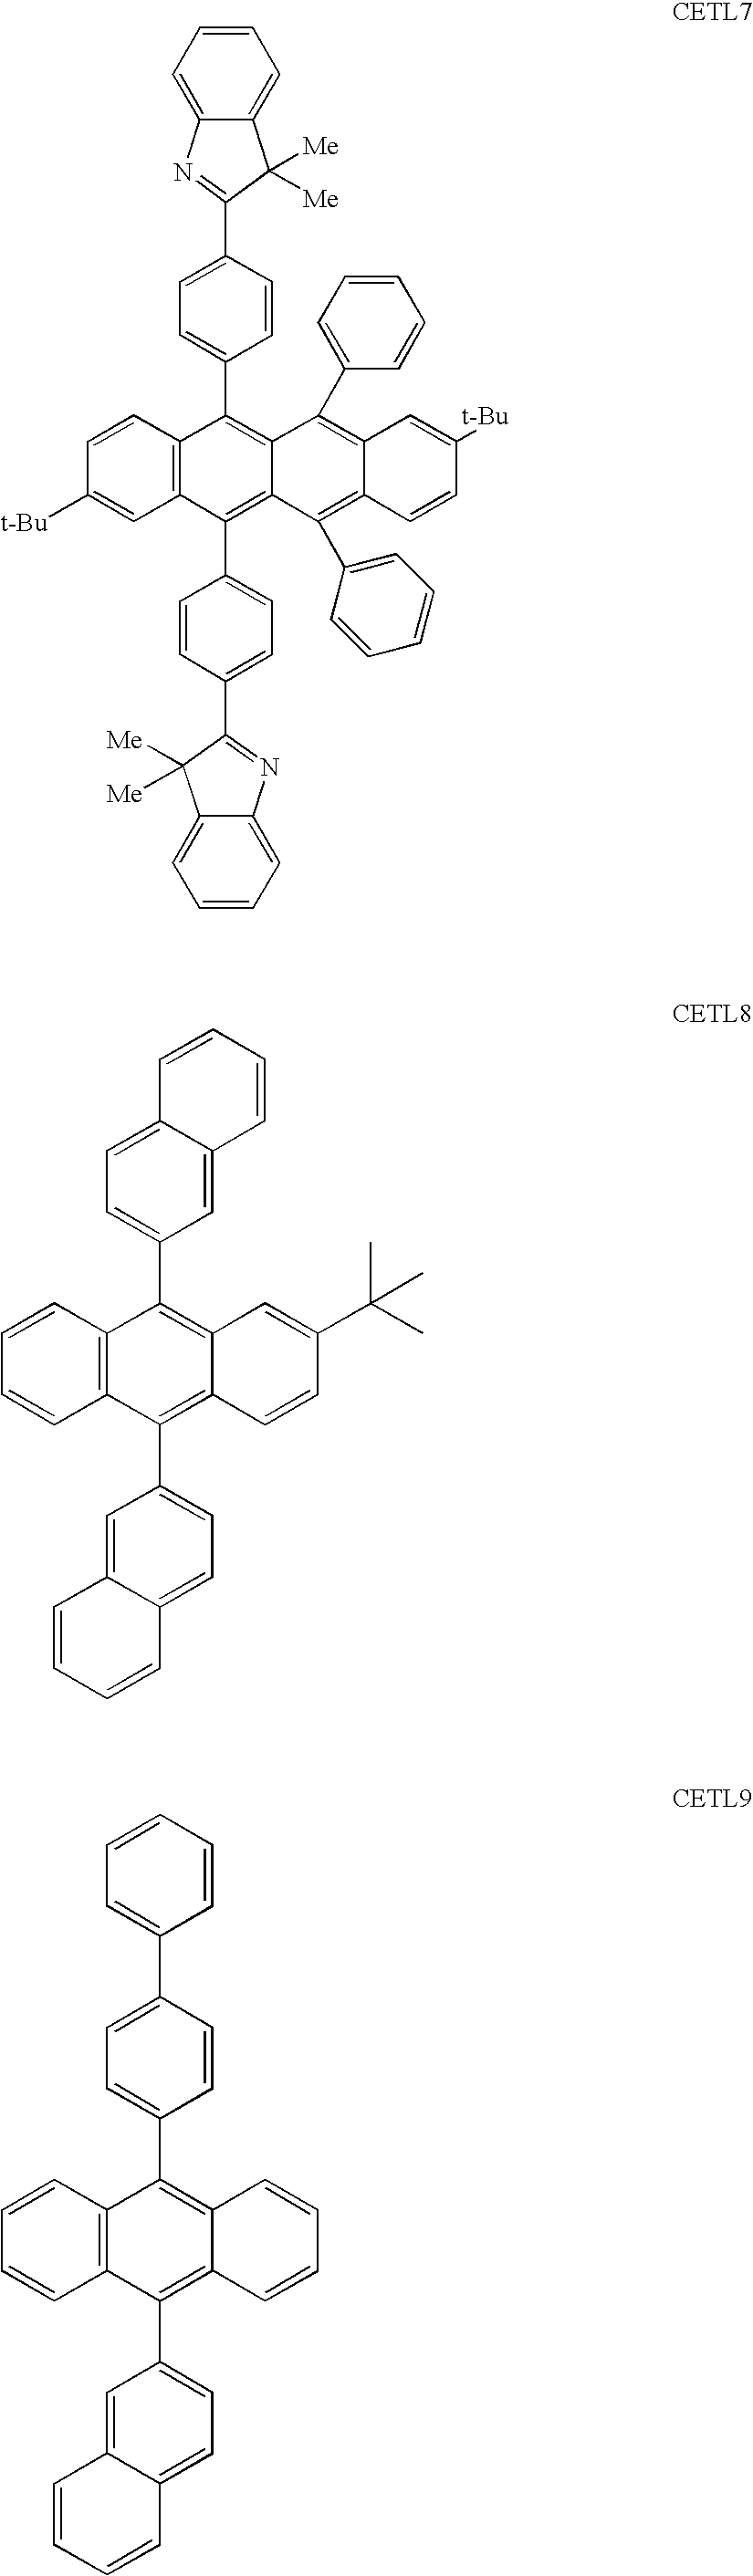 Figure US20090162612A1-20090625-C00014